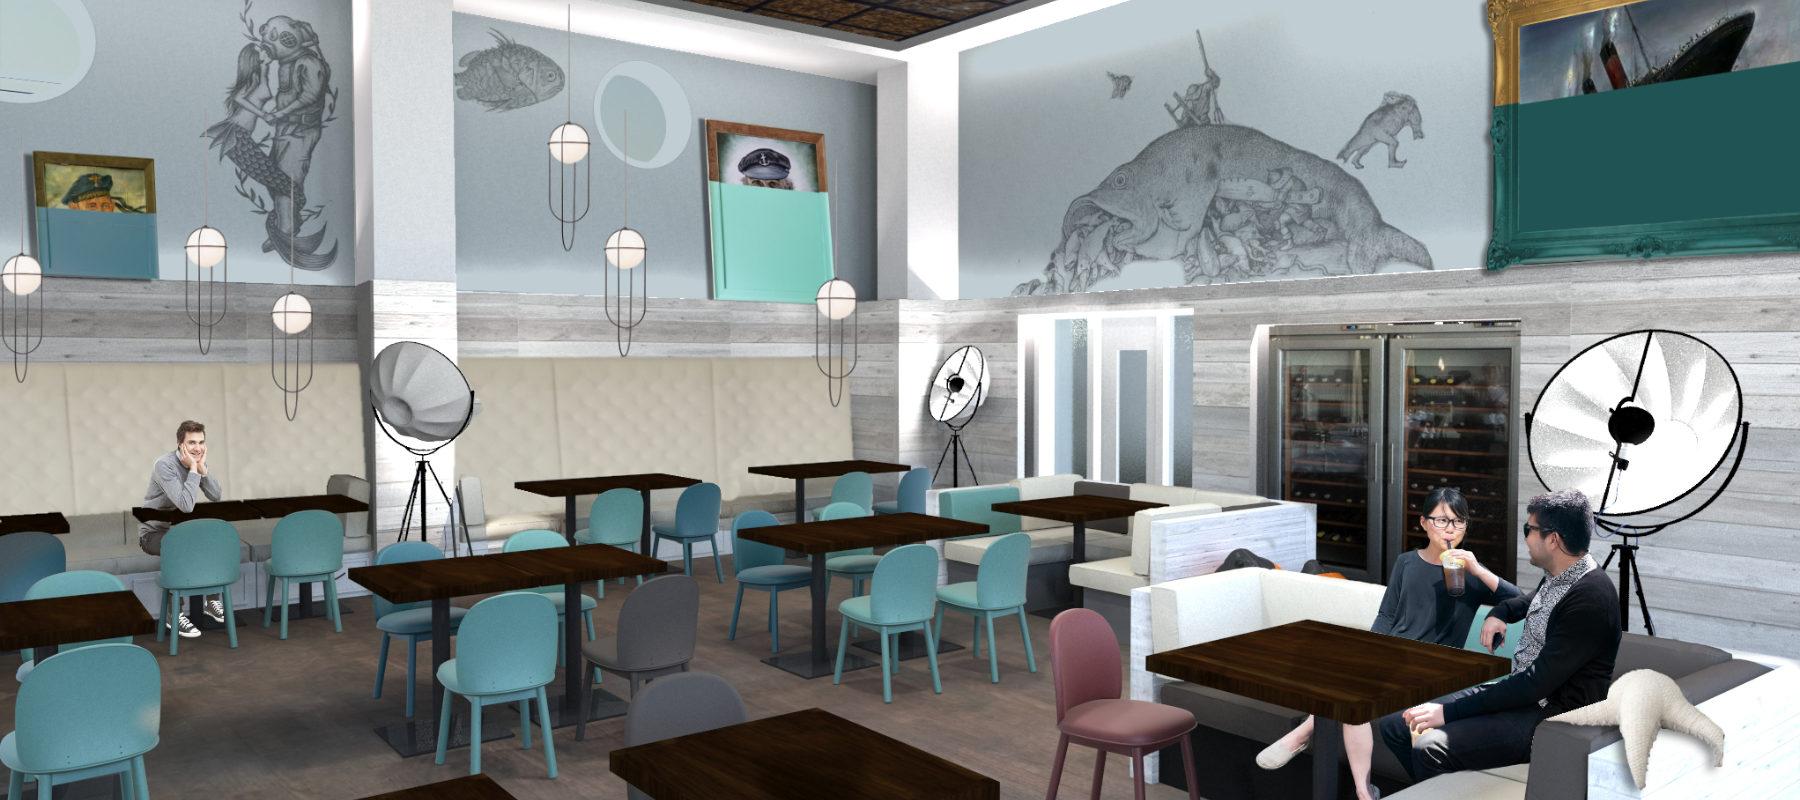 Gastronomie-Design Hotel-Restaurant